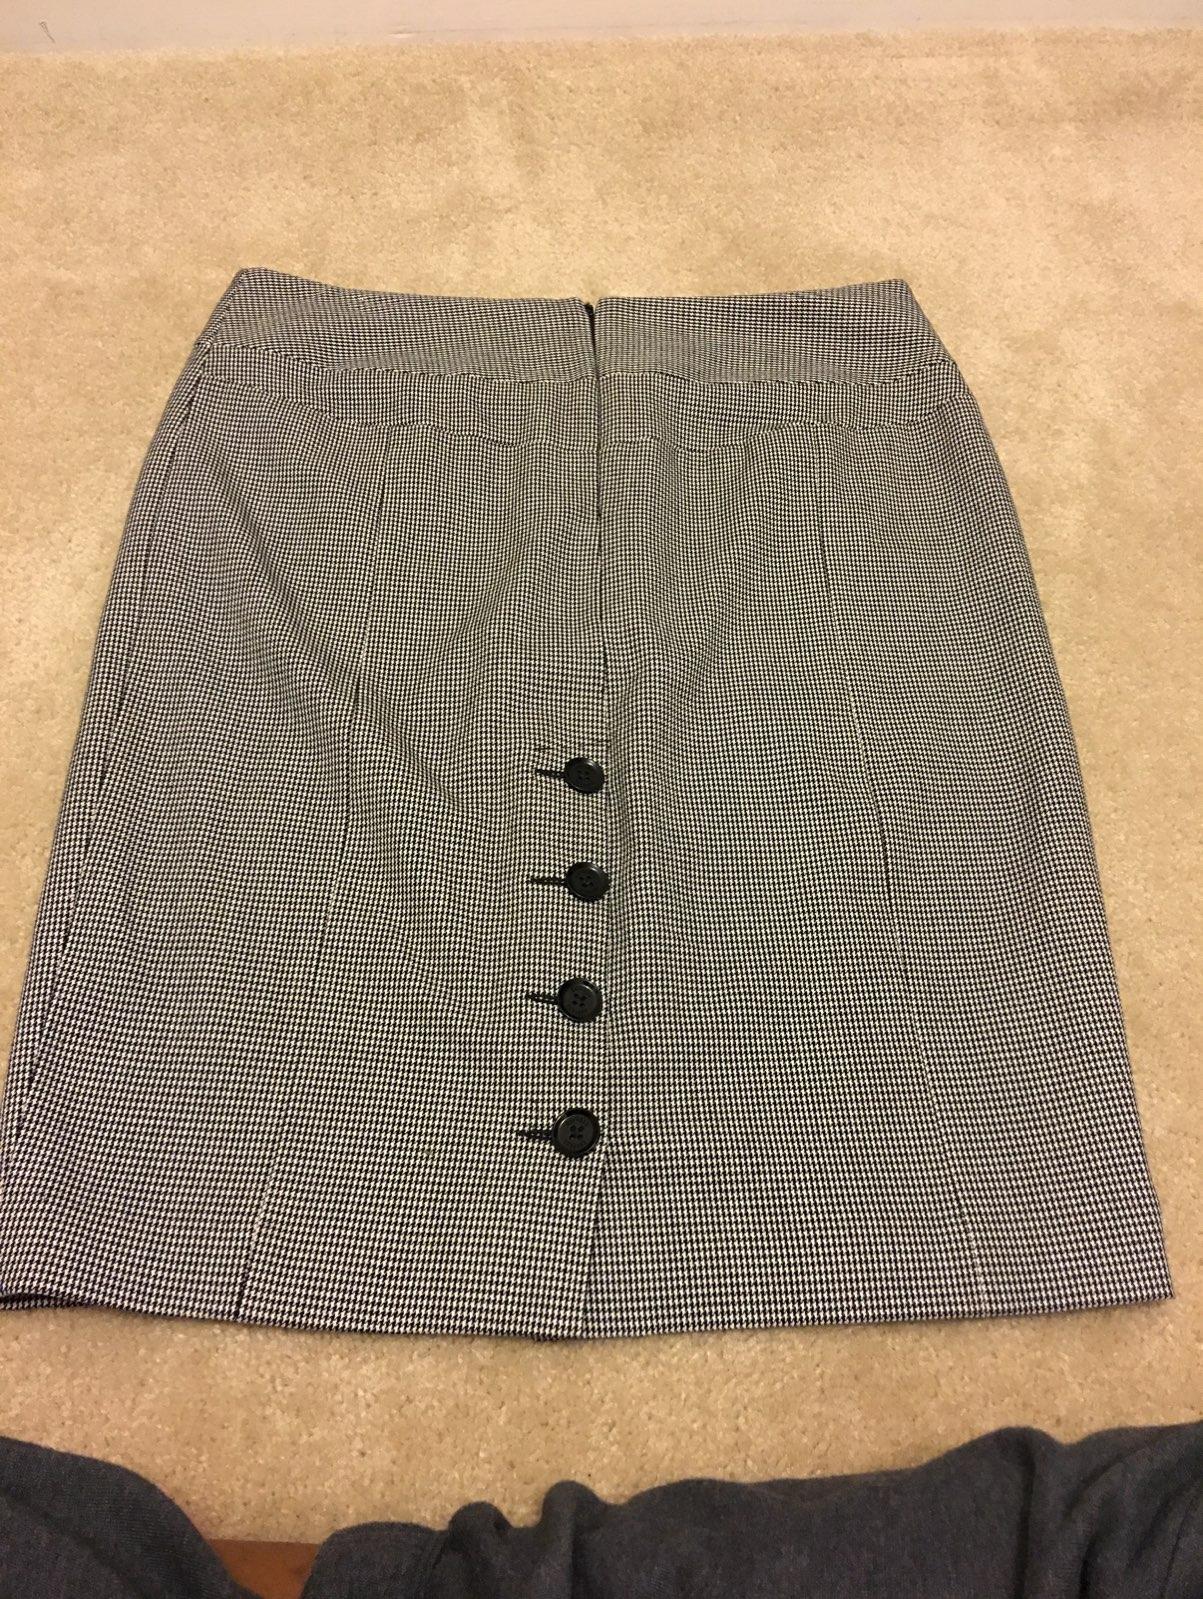 Express Women's Houndstooth Skirt